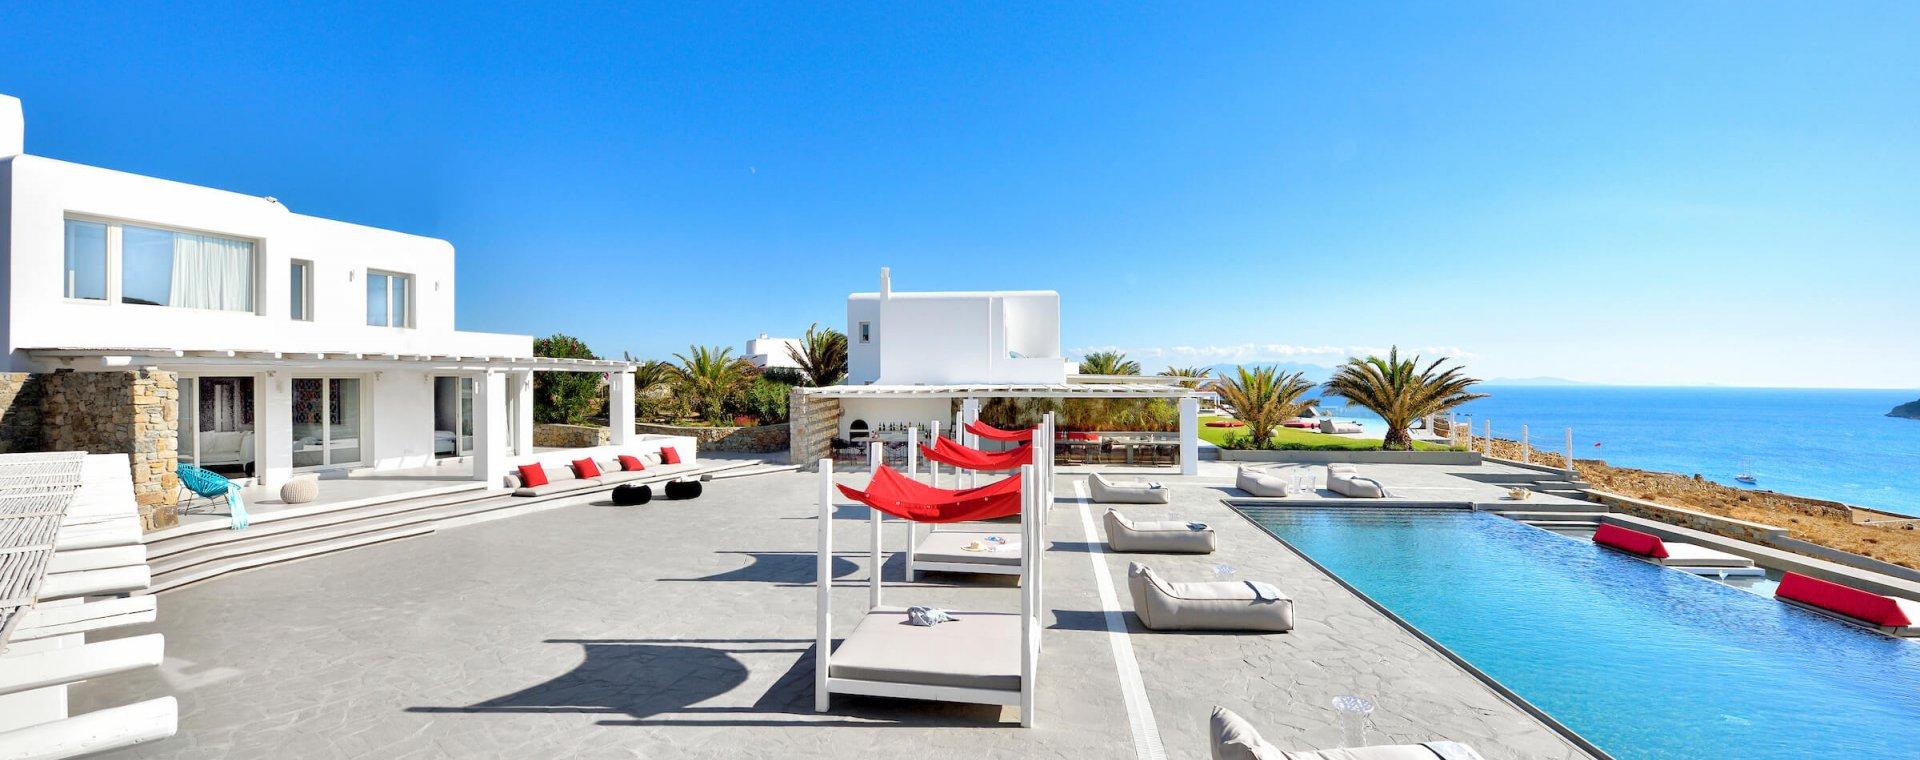 Destiny Resort Mykonos